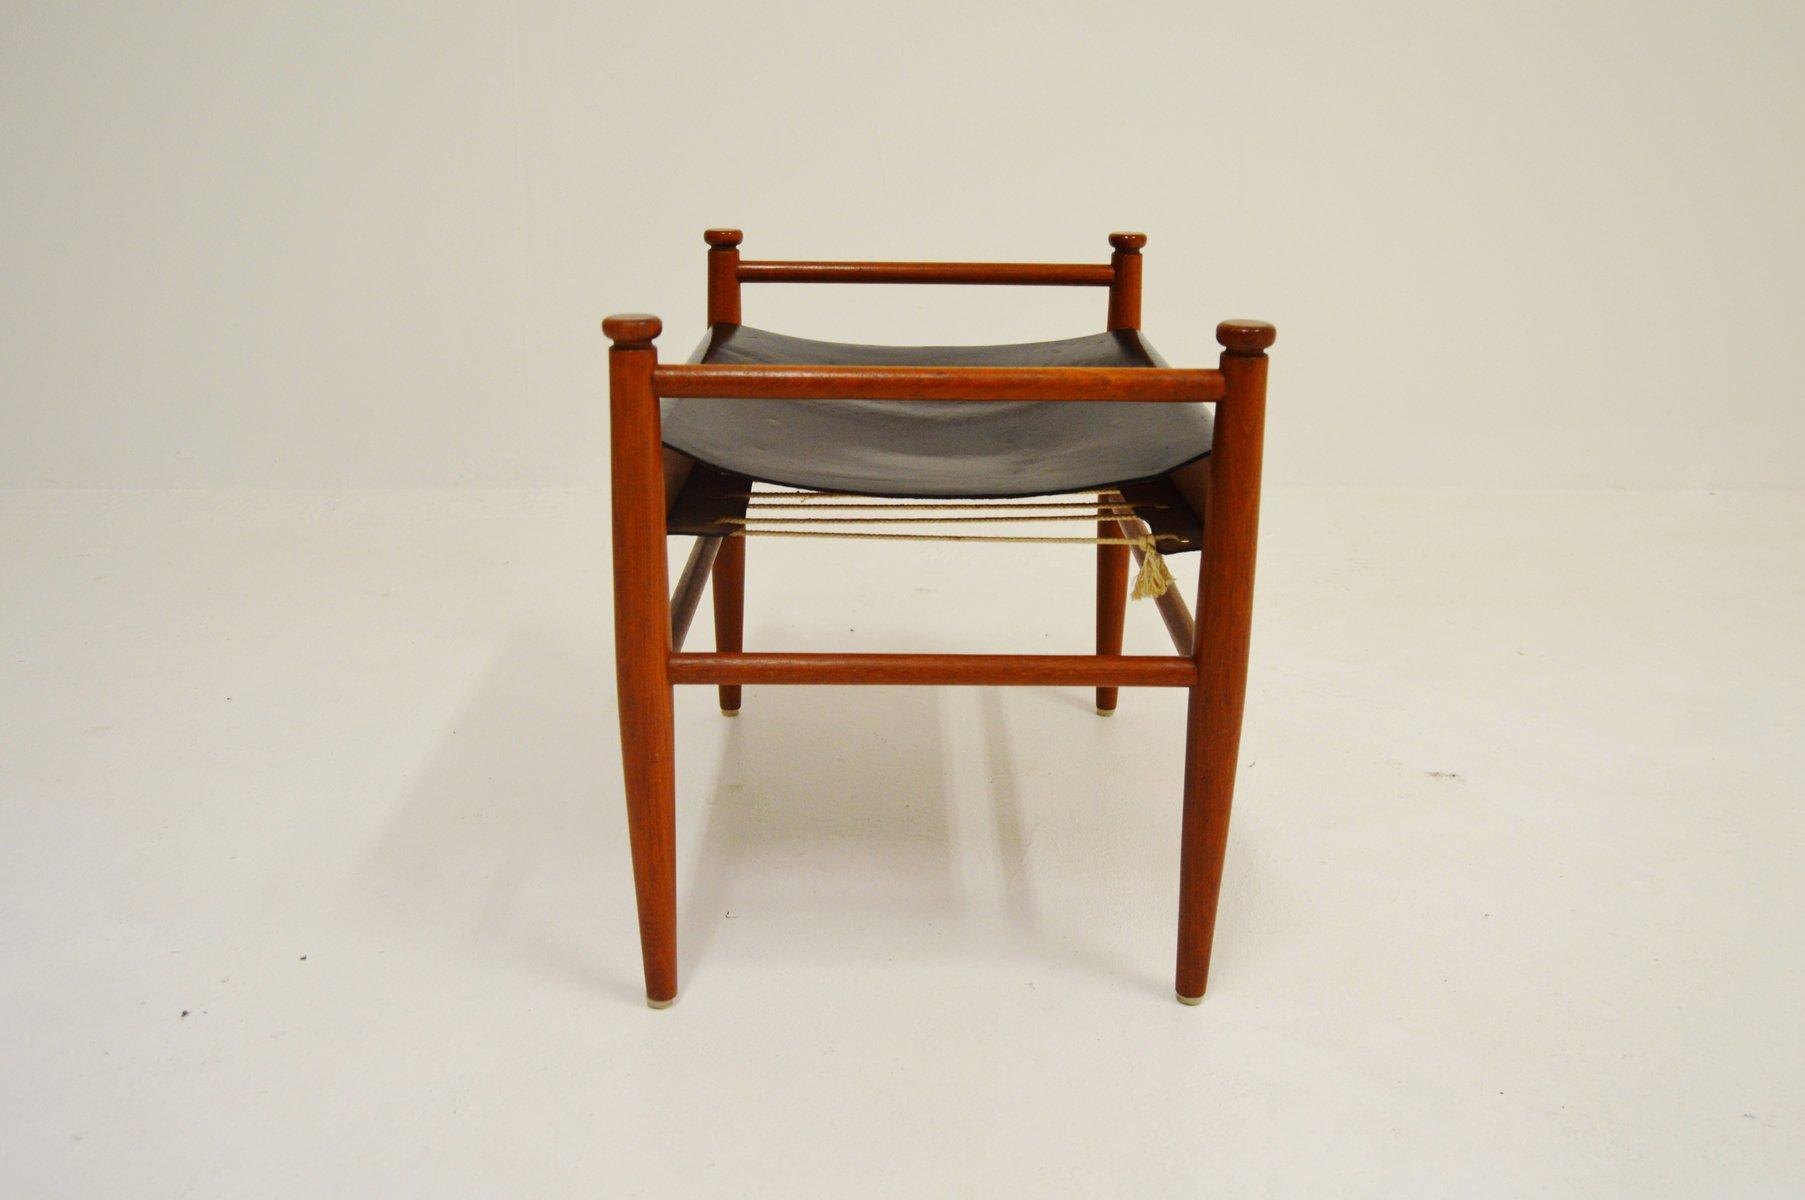 fu hocker aus teak leder 1960er bei pamono kaufen. Black Bedroom Furniture Sets. Home Design Ideas